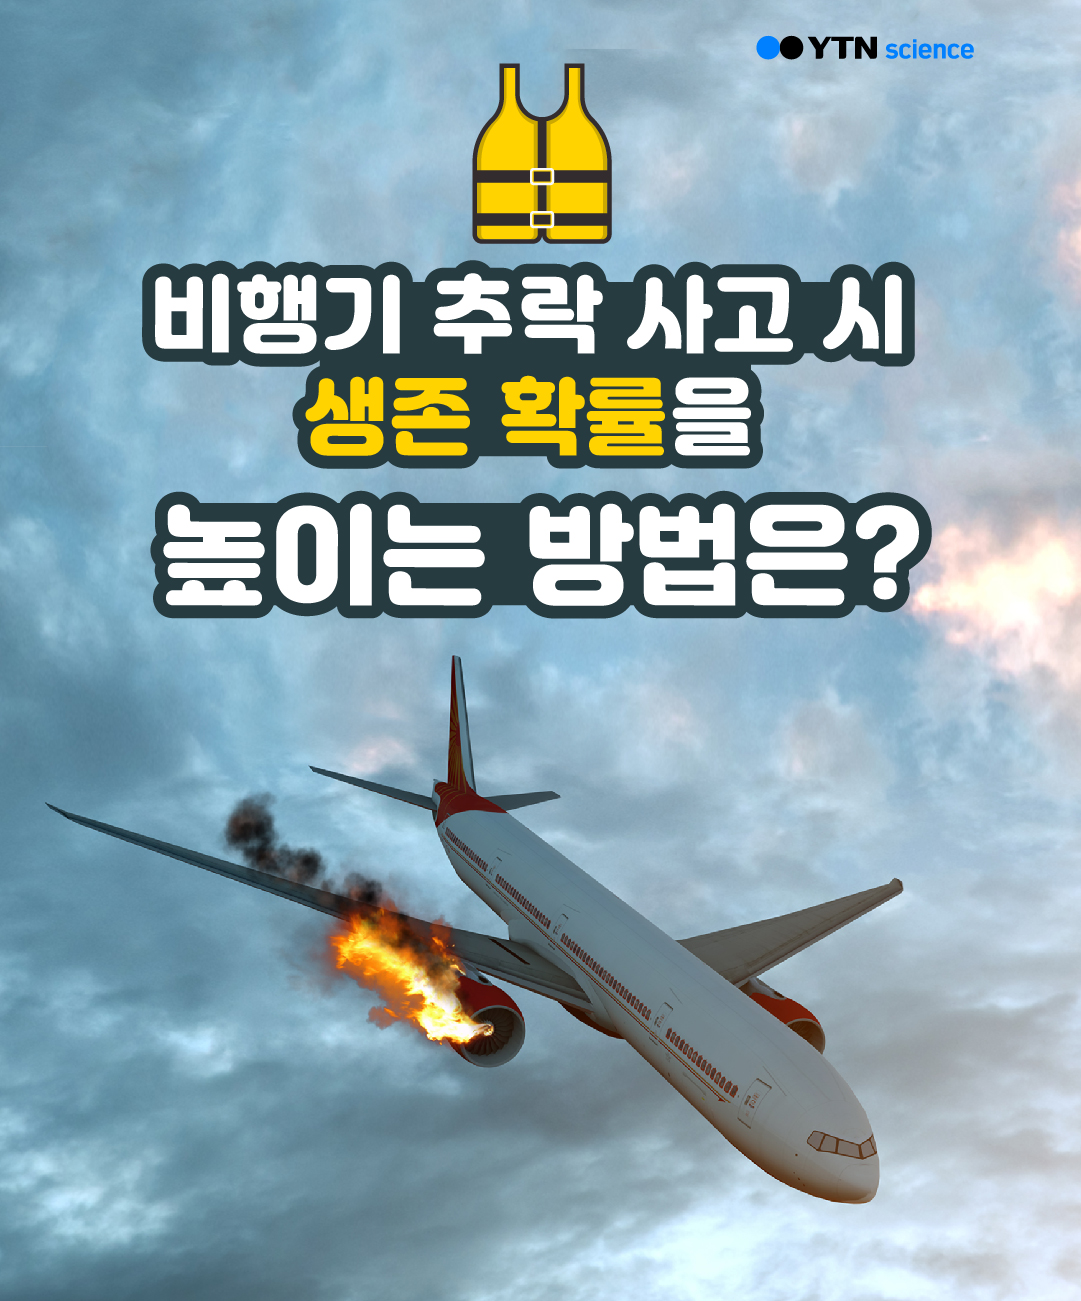 비행기 추락 사고 시 생존 확률을 높이는 방법은? 이미지